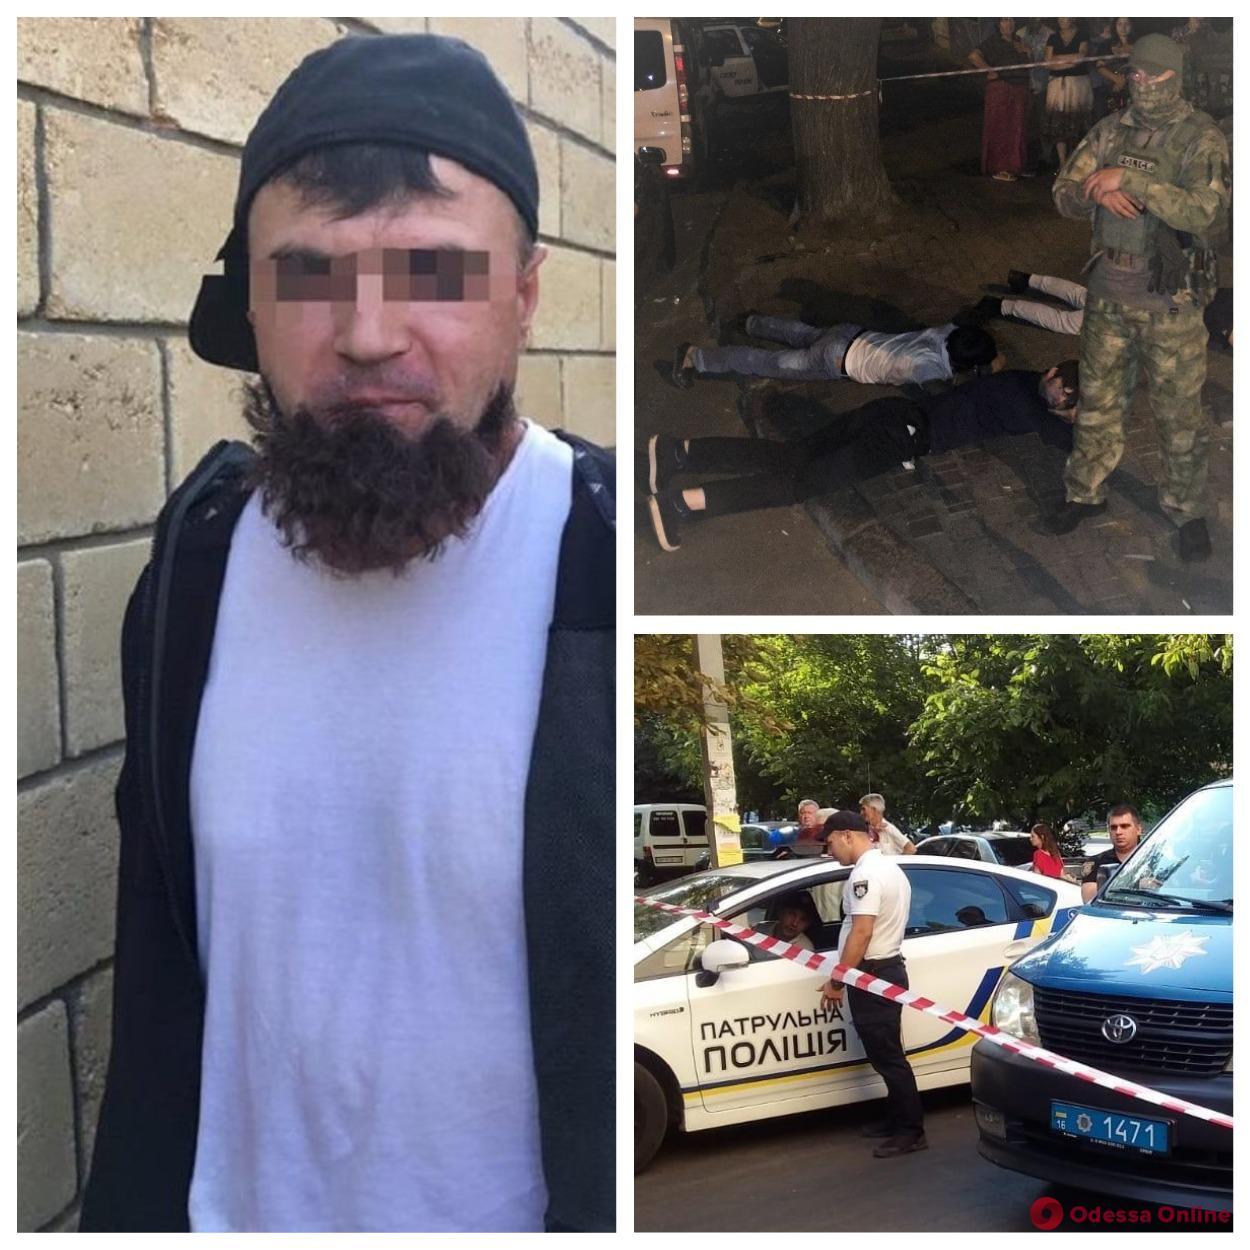 Итоги дня в Одессе: много ДТП, киллер с отклеившейся бородой и раненый сотрудник ЖКСа